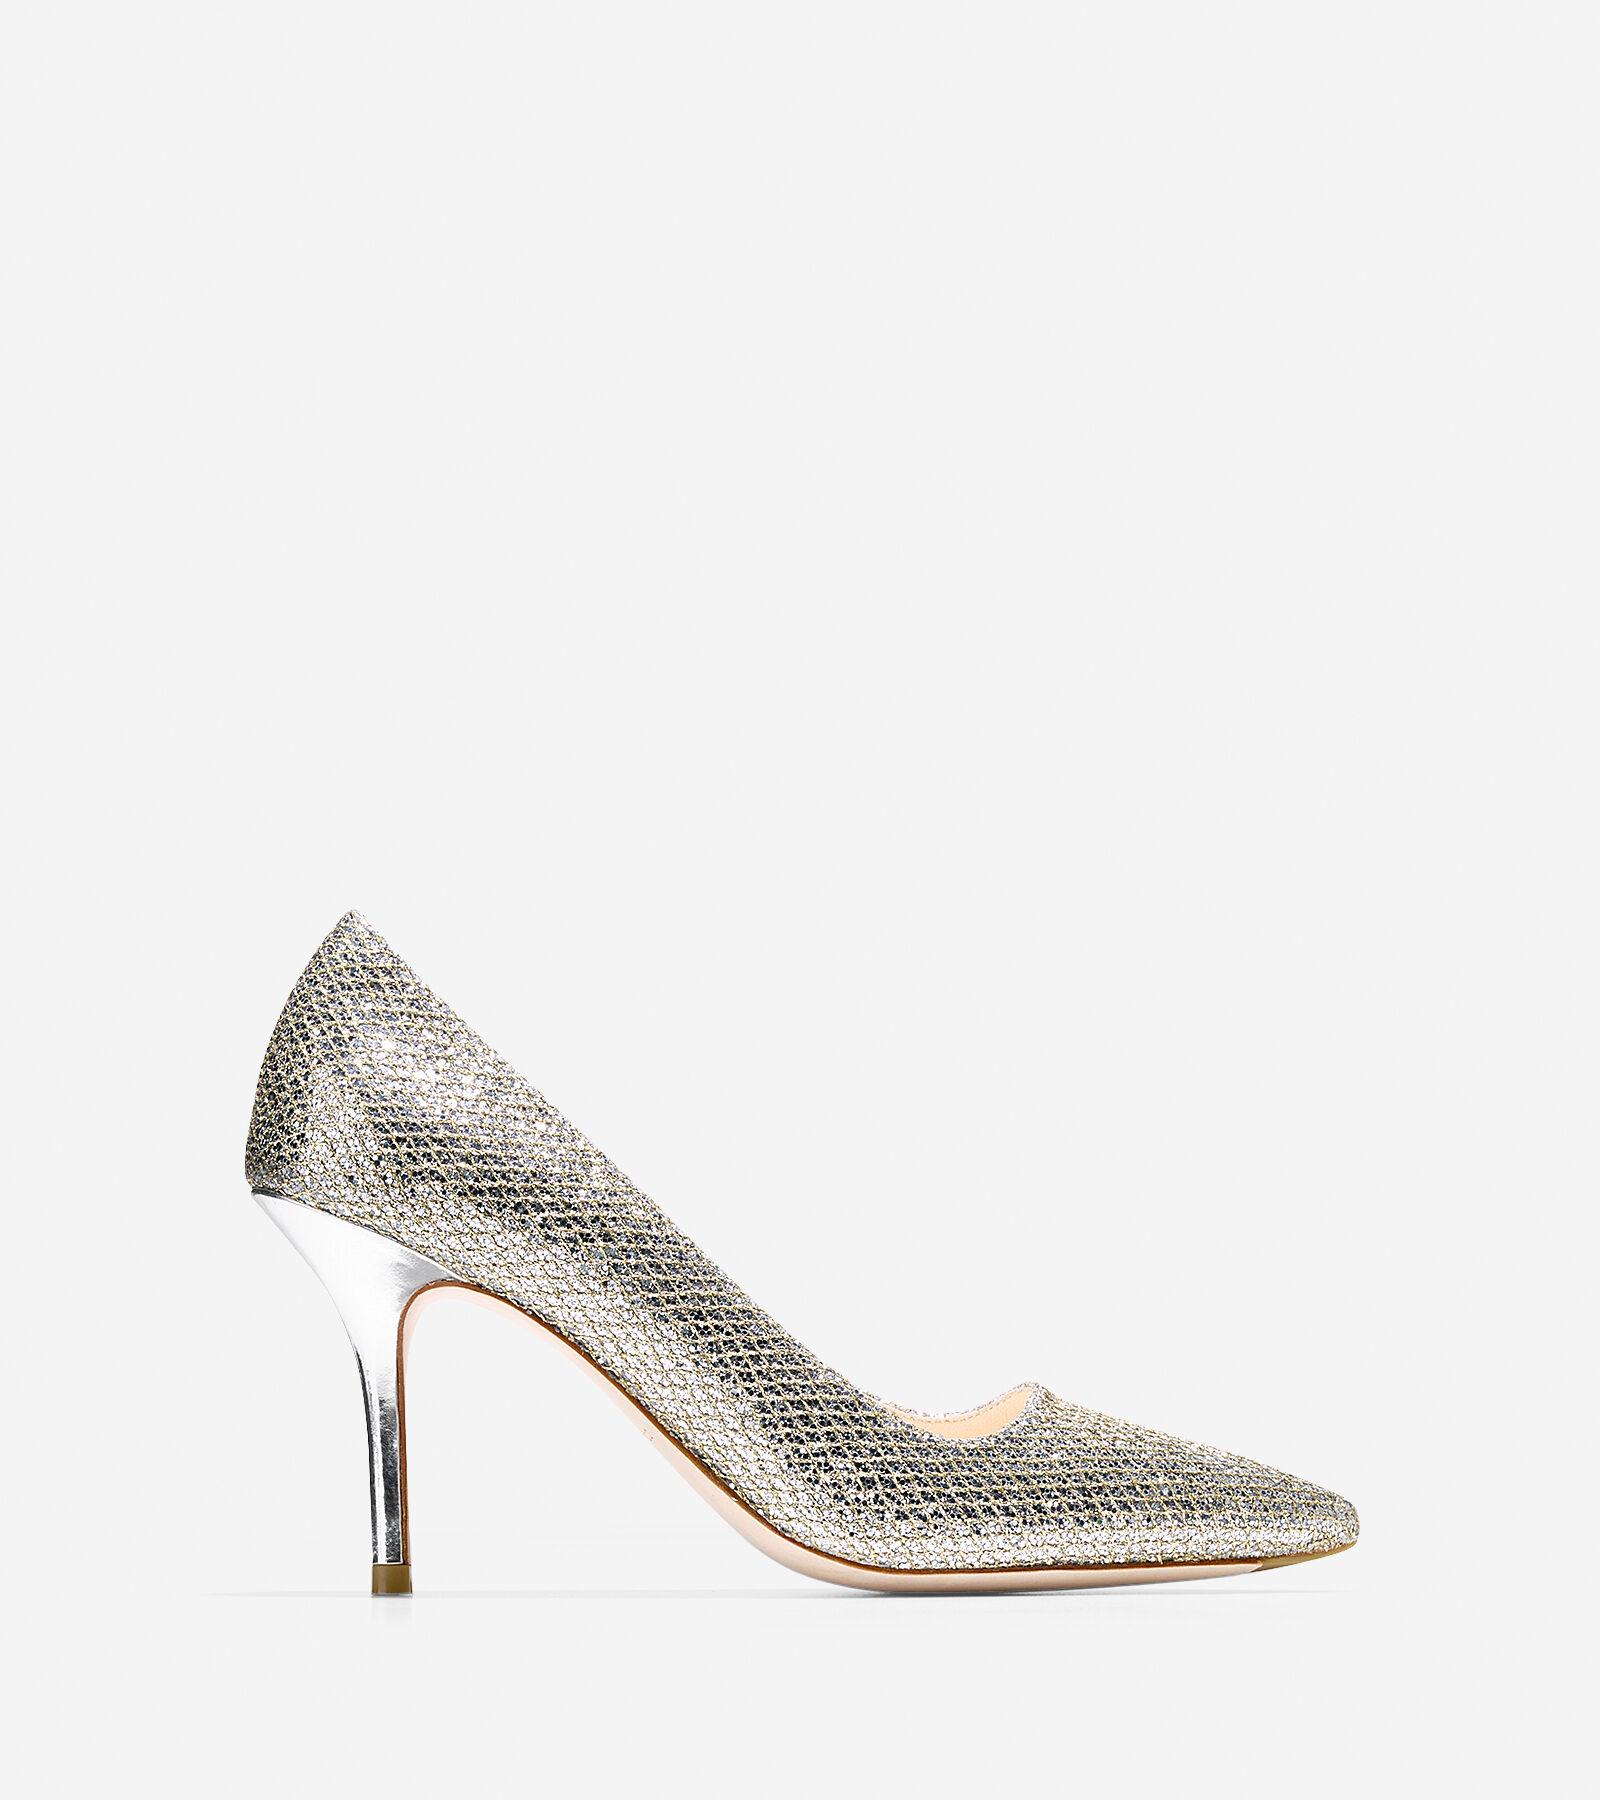 Shoes U003e Bradshaw Pump (85mm)   Pointy Toe